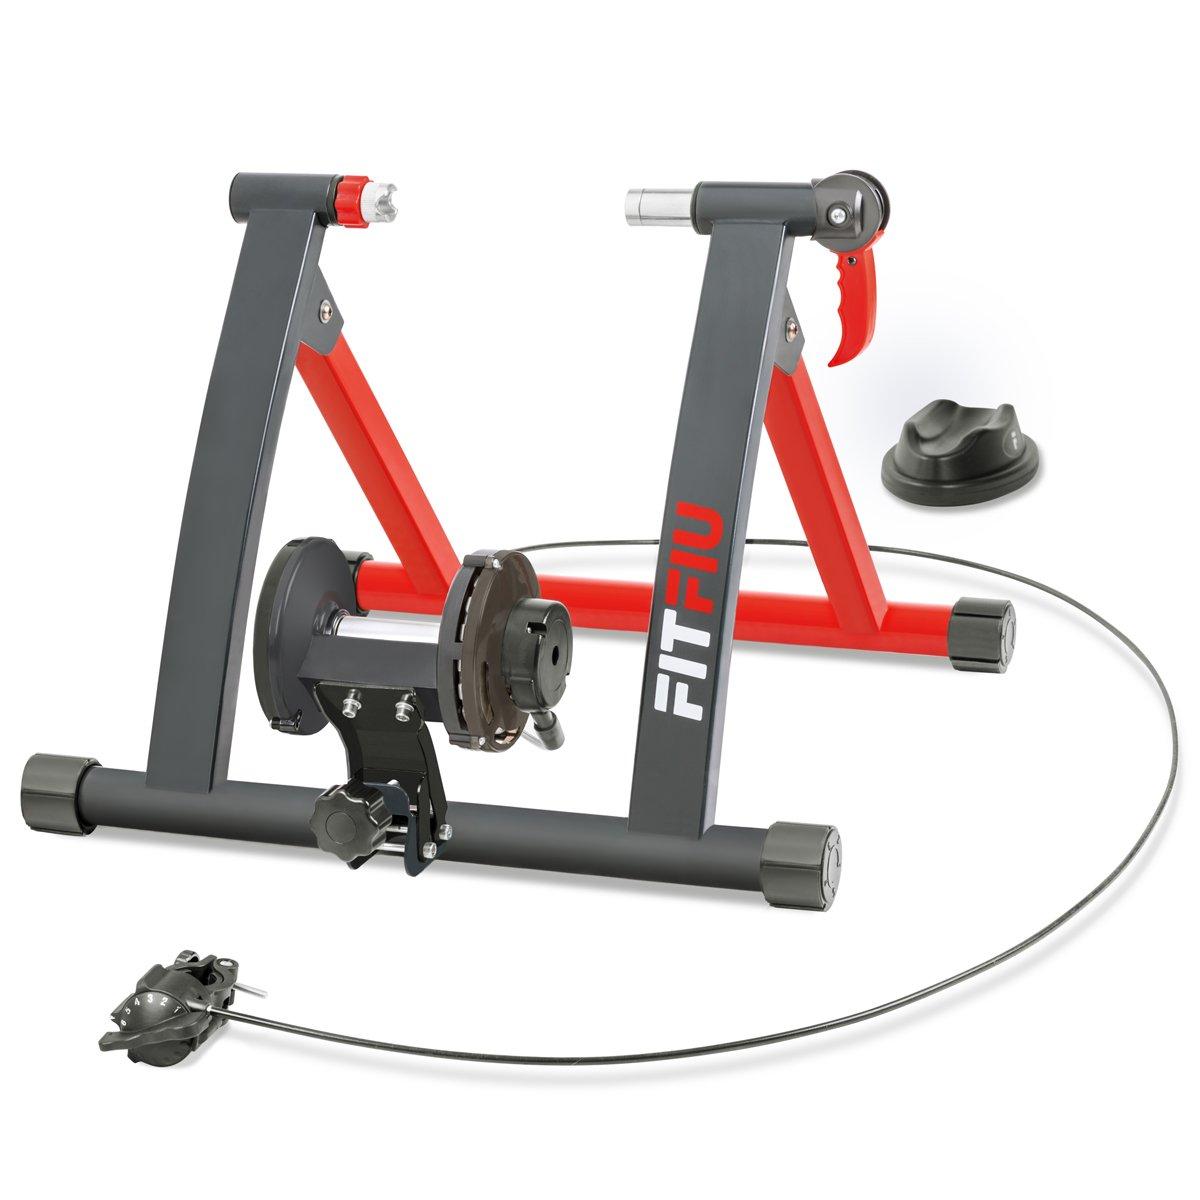 Fitfiu Fitness BI-T05 - Rullo per allenamento bicicletta Agroverd